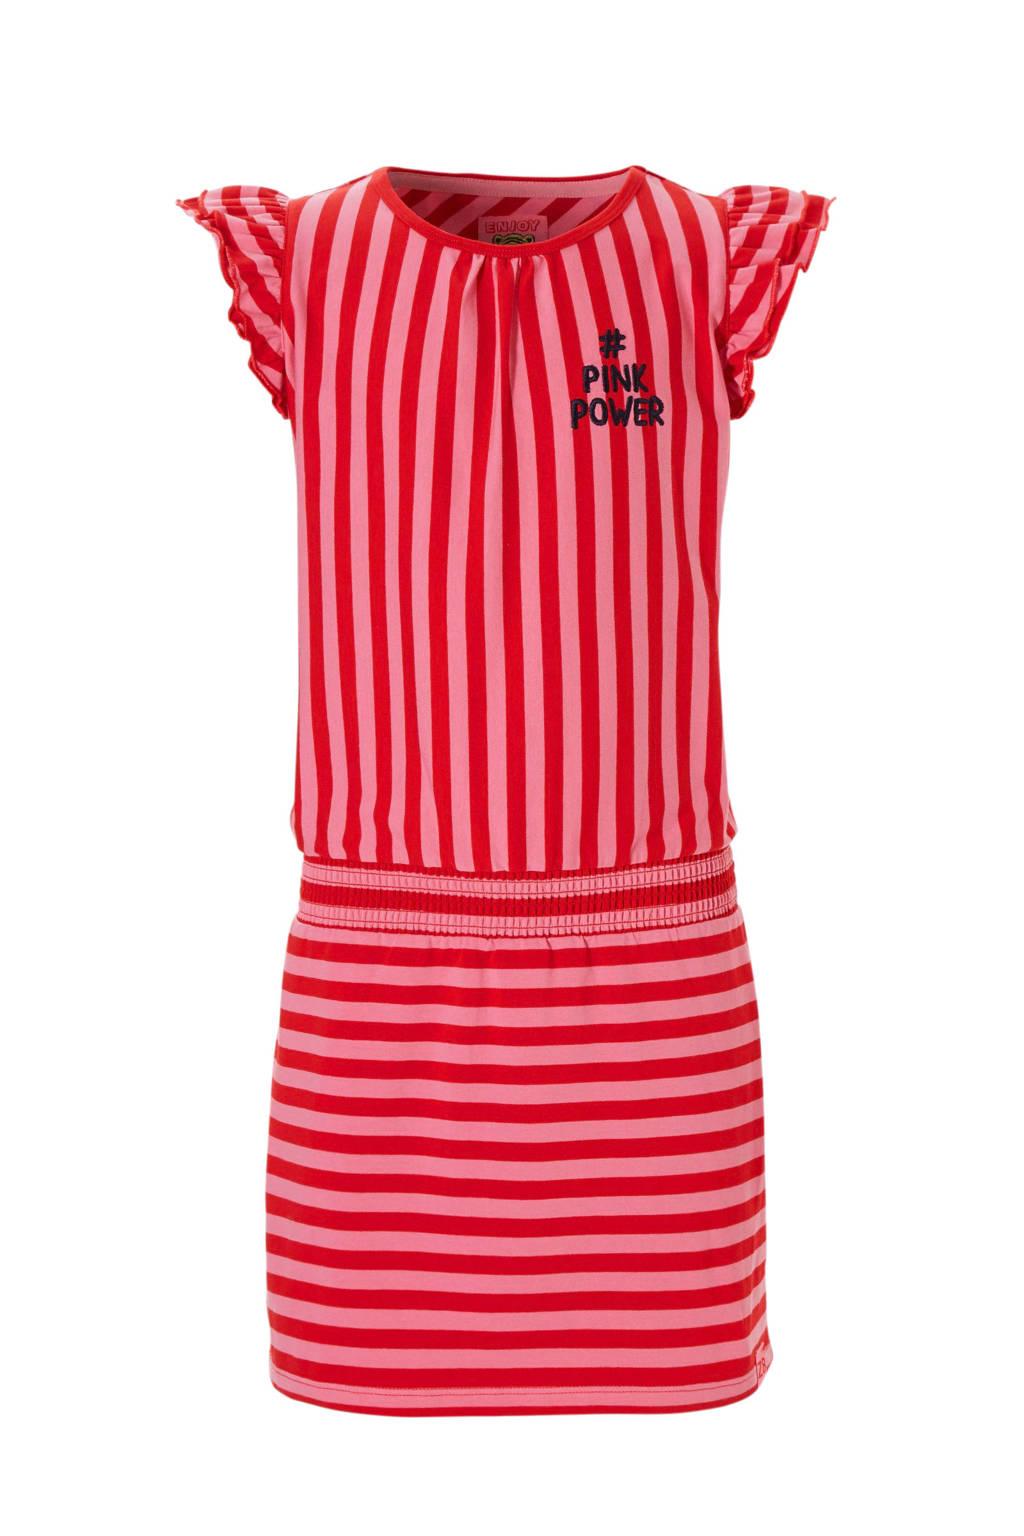 Z8 gestreepte jurk Julia rood/roze, Roze/rood